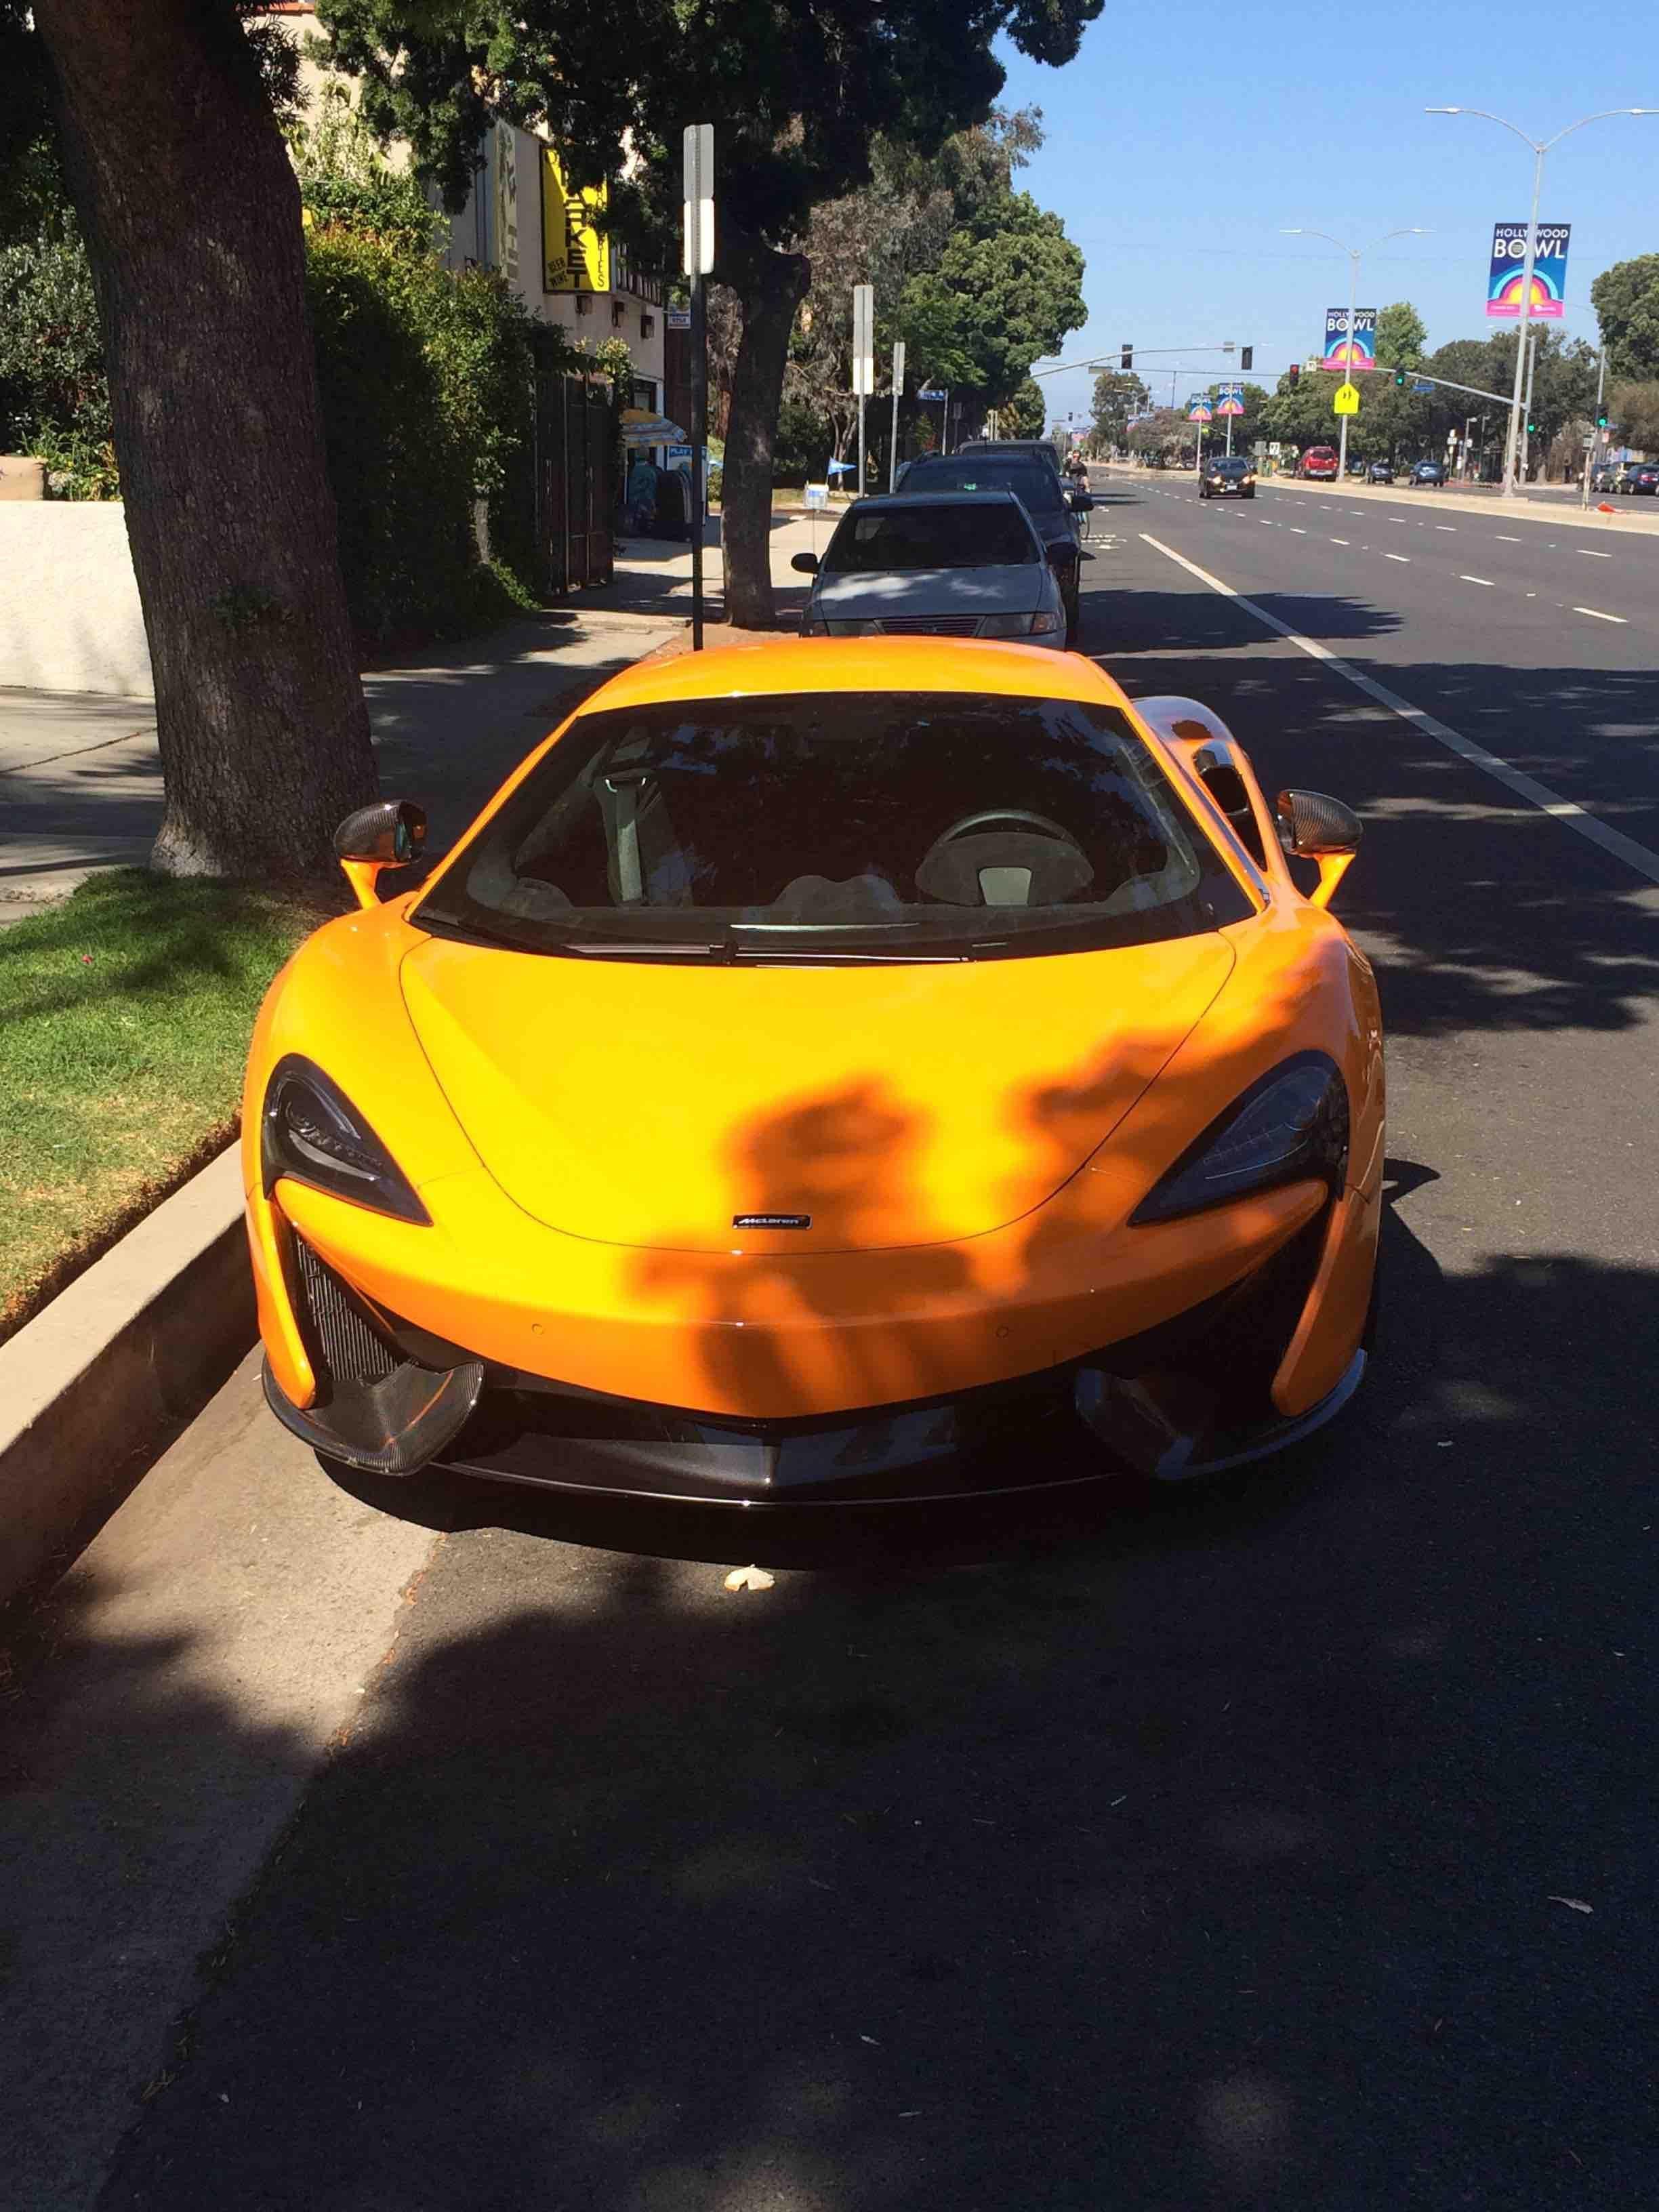 McLaren 570S in LA #exoticcar #supercar #car #exotic #cars #hypercar #exoticcars #carporn #supercars